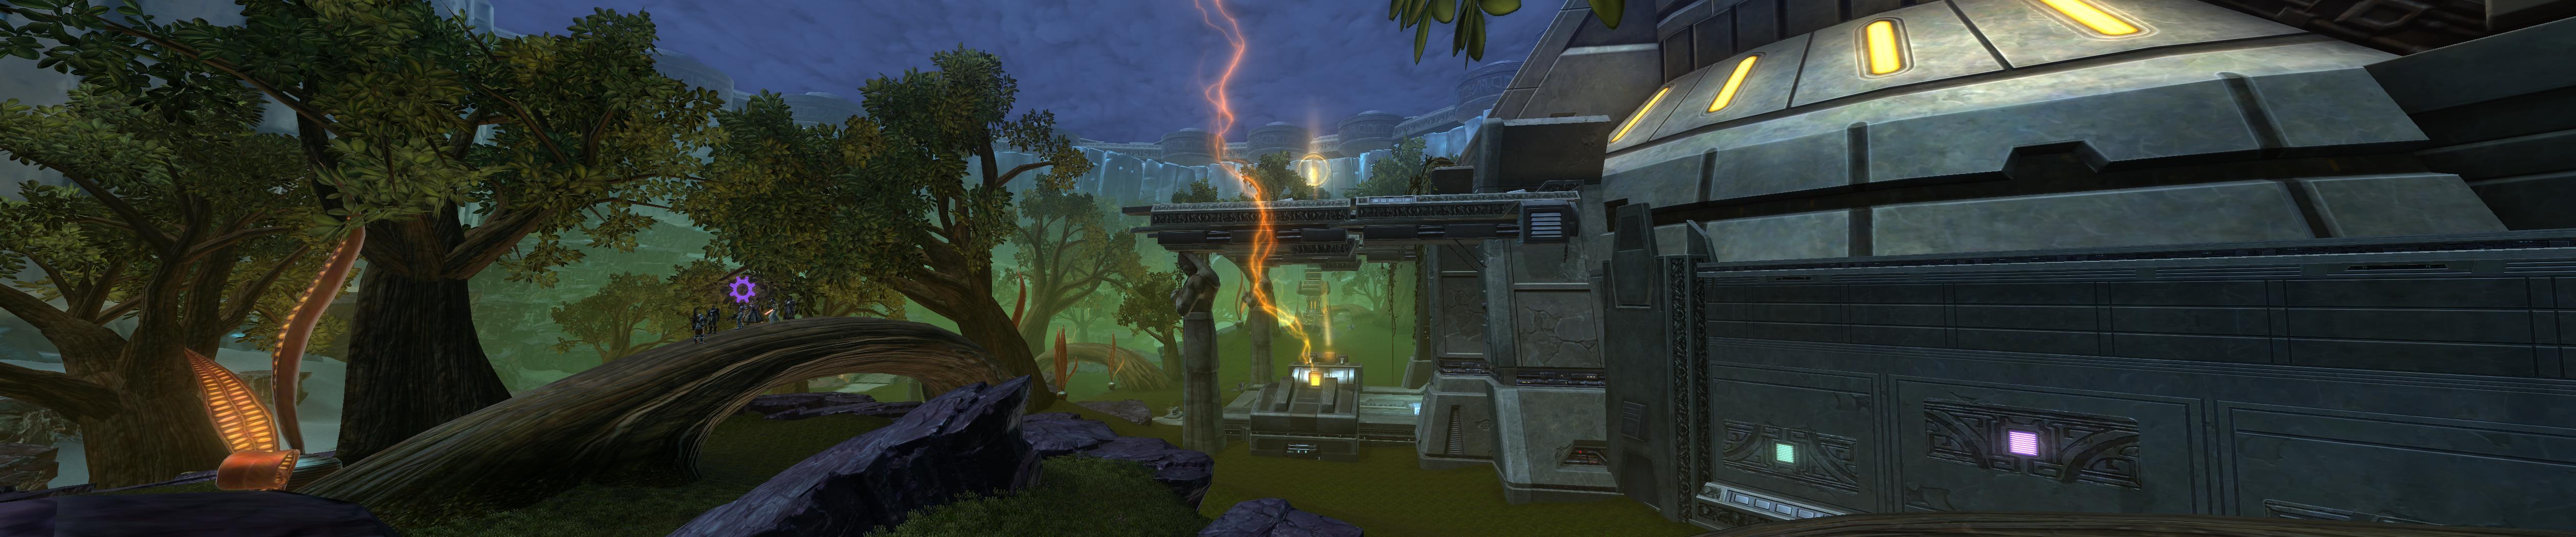 swtor-2012-01-24-23-09-04-27